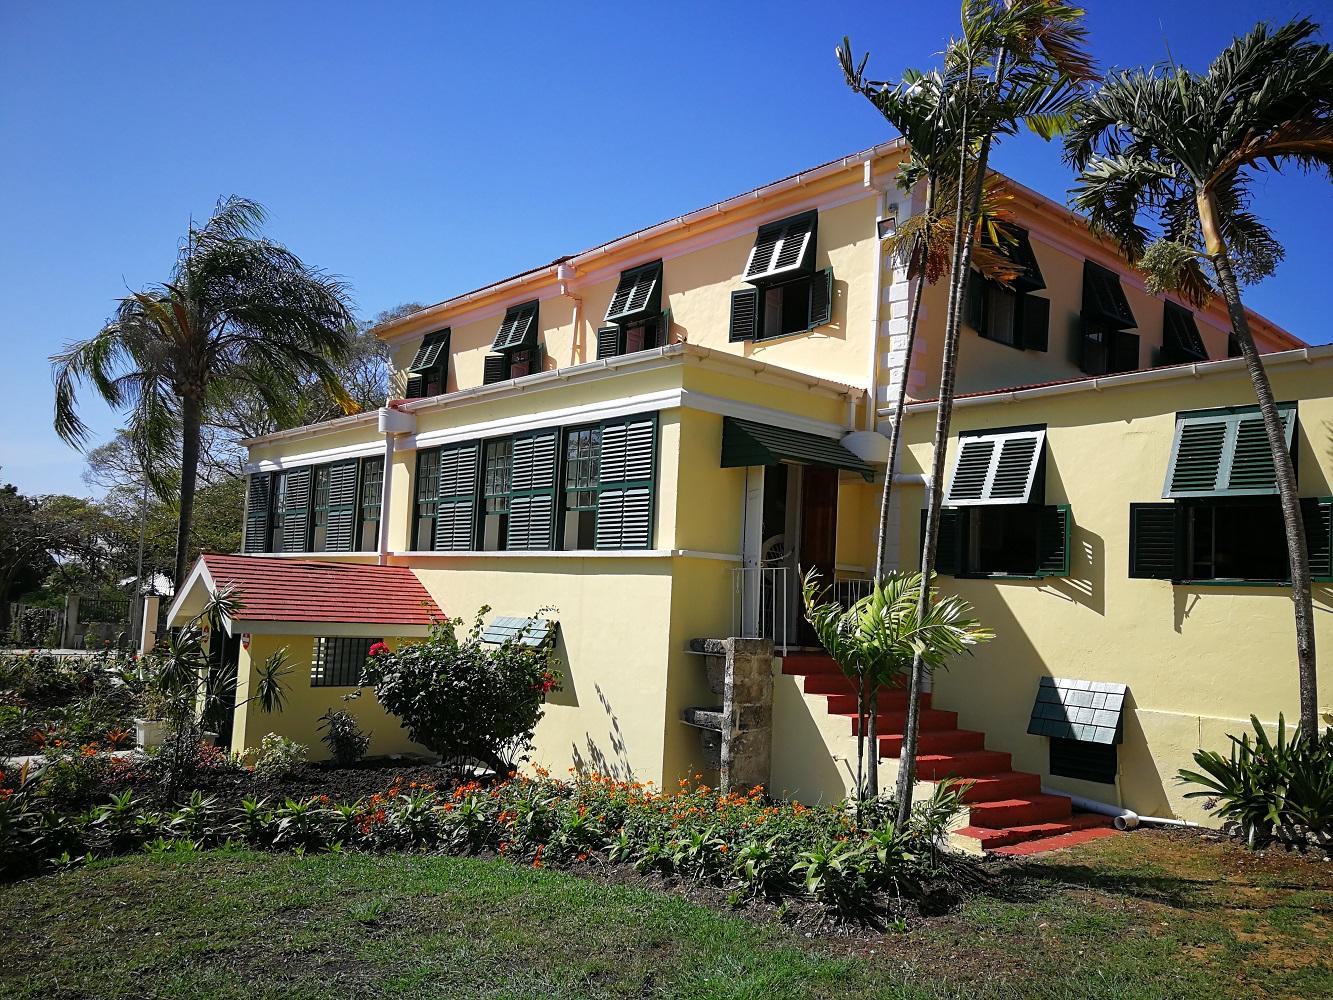 Mein Schiff Ausflug: Das Plantagenhaus Sunbury auf Barbados